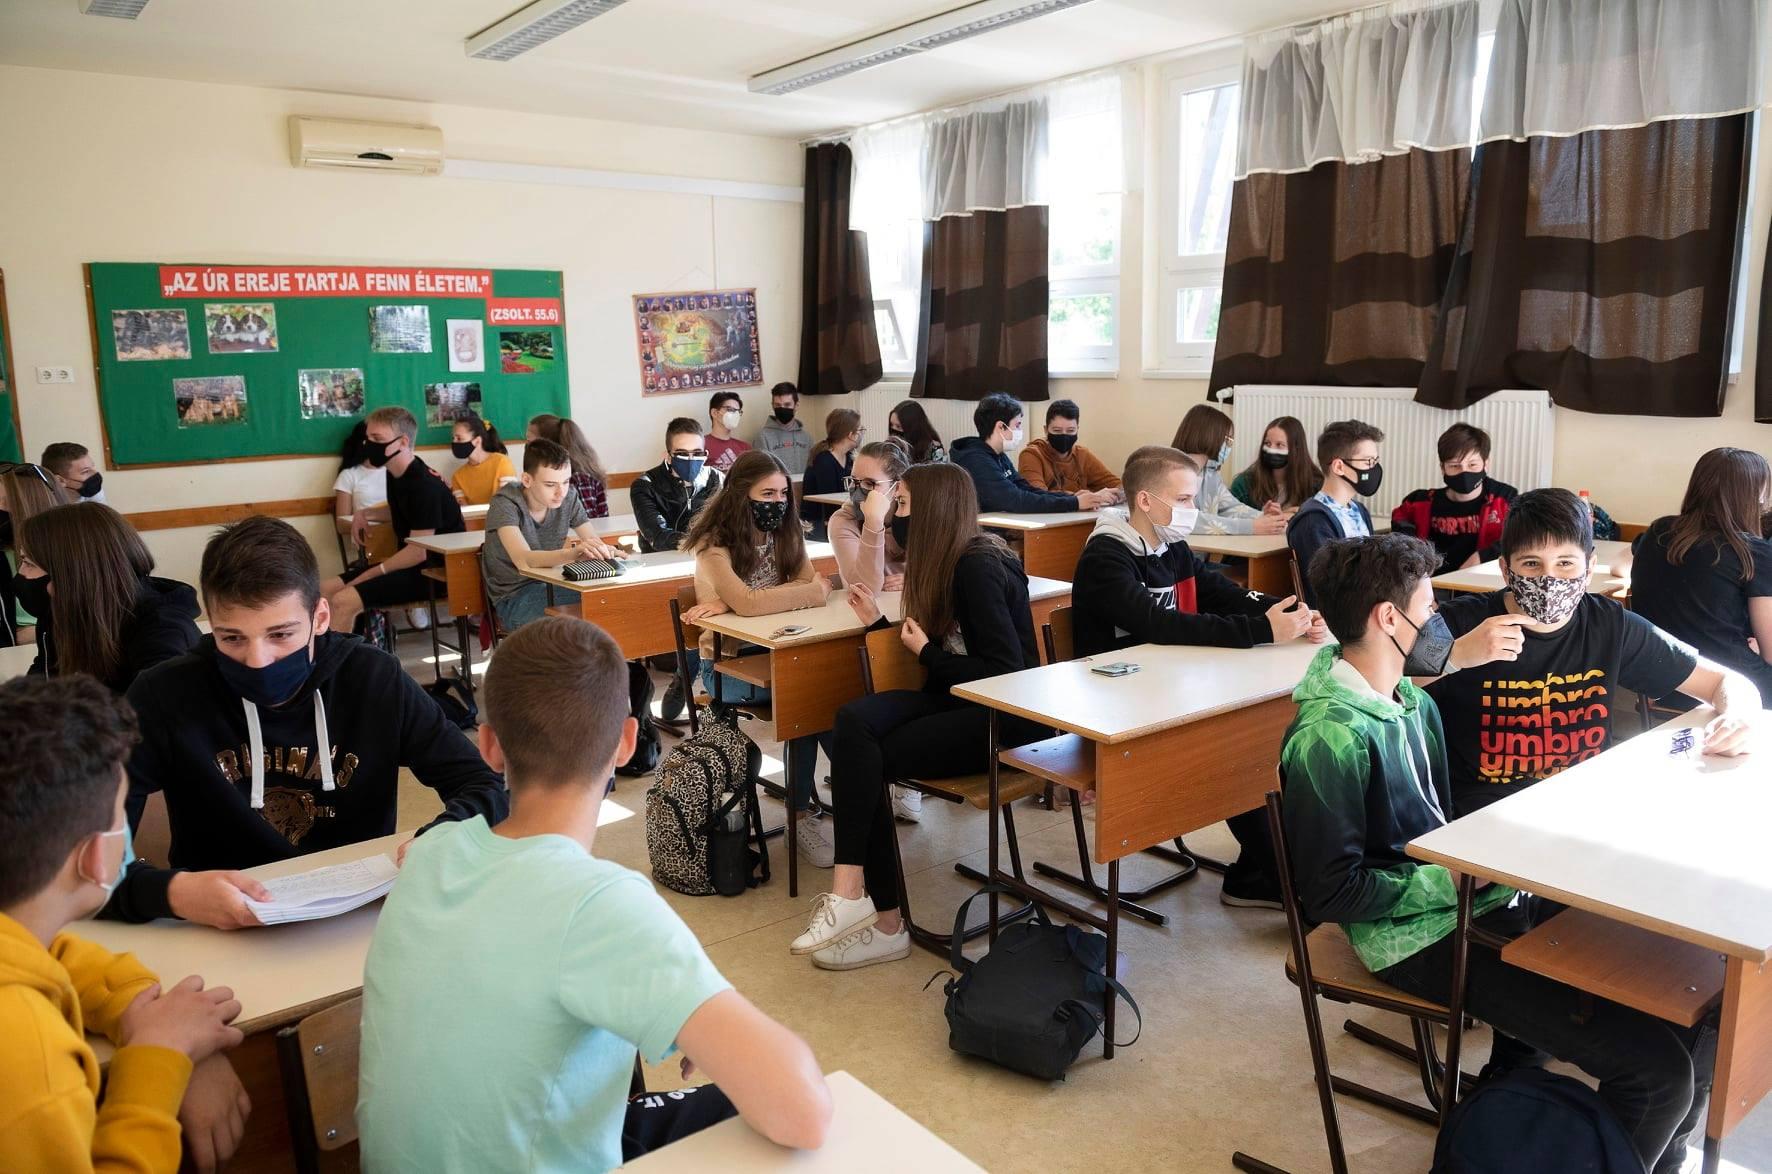 meet általános iskola corona)